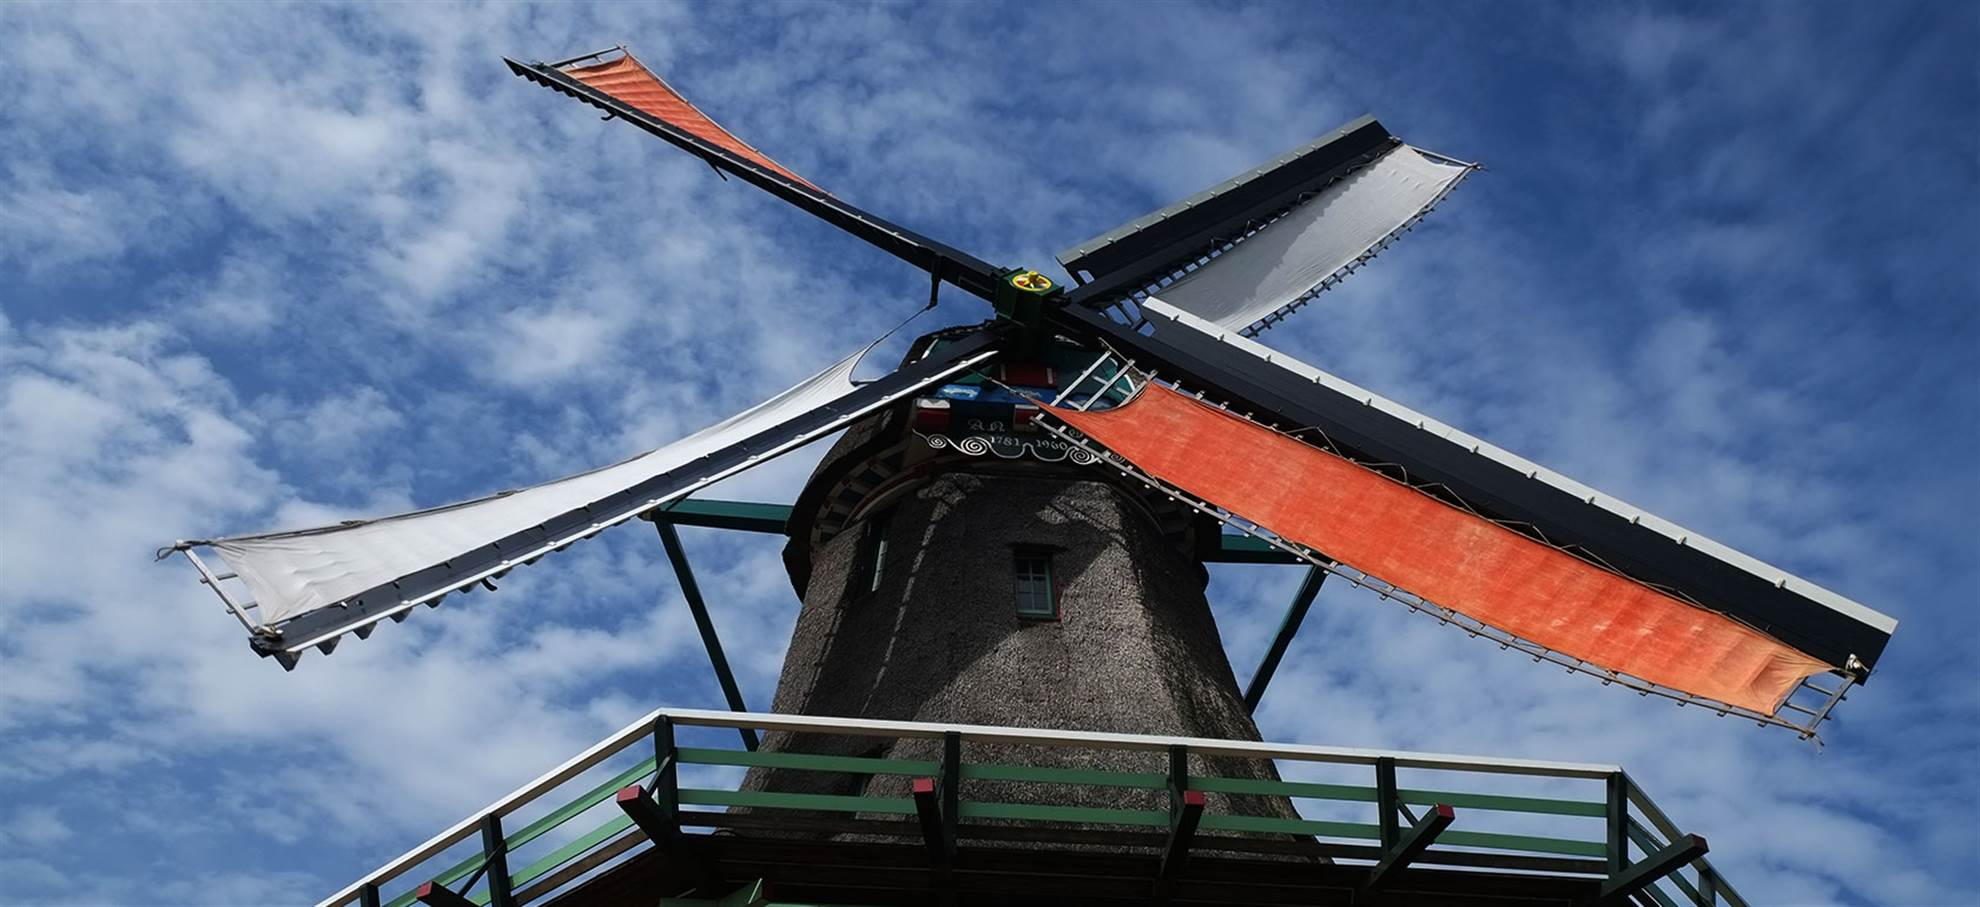 Alkmaar - Queijos & Moinhos de Vento